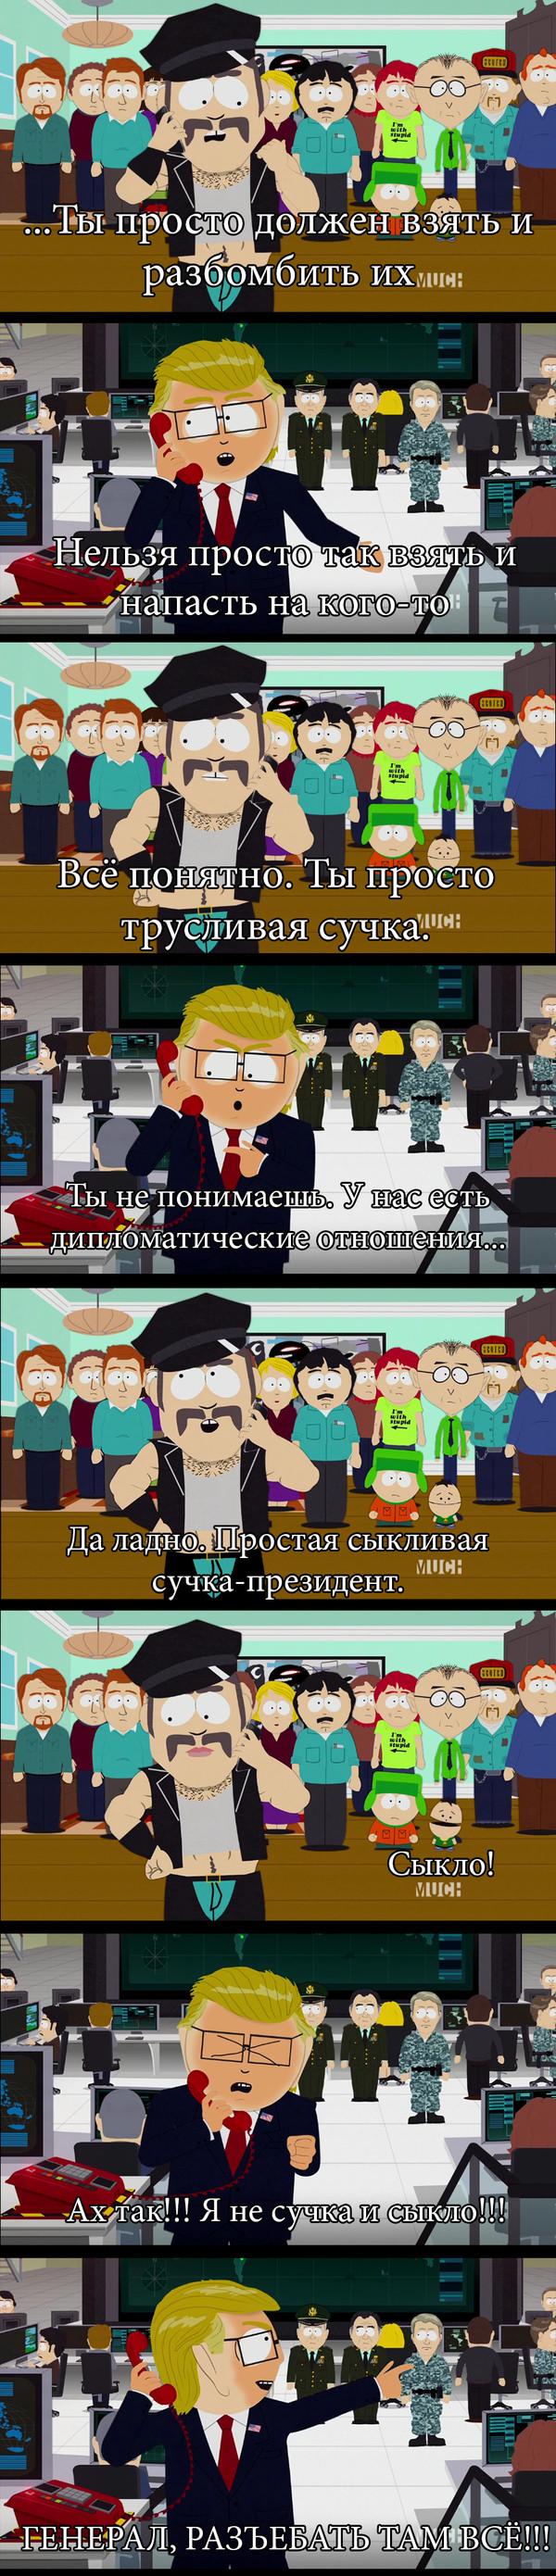 Южный парк предсказал нападение на авиабазу в Сирии South Park, США, Политика, Мат, Сирия, Трамп, длиннопост